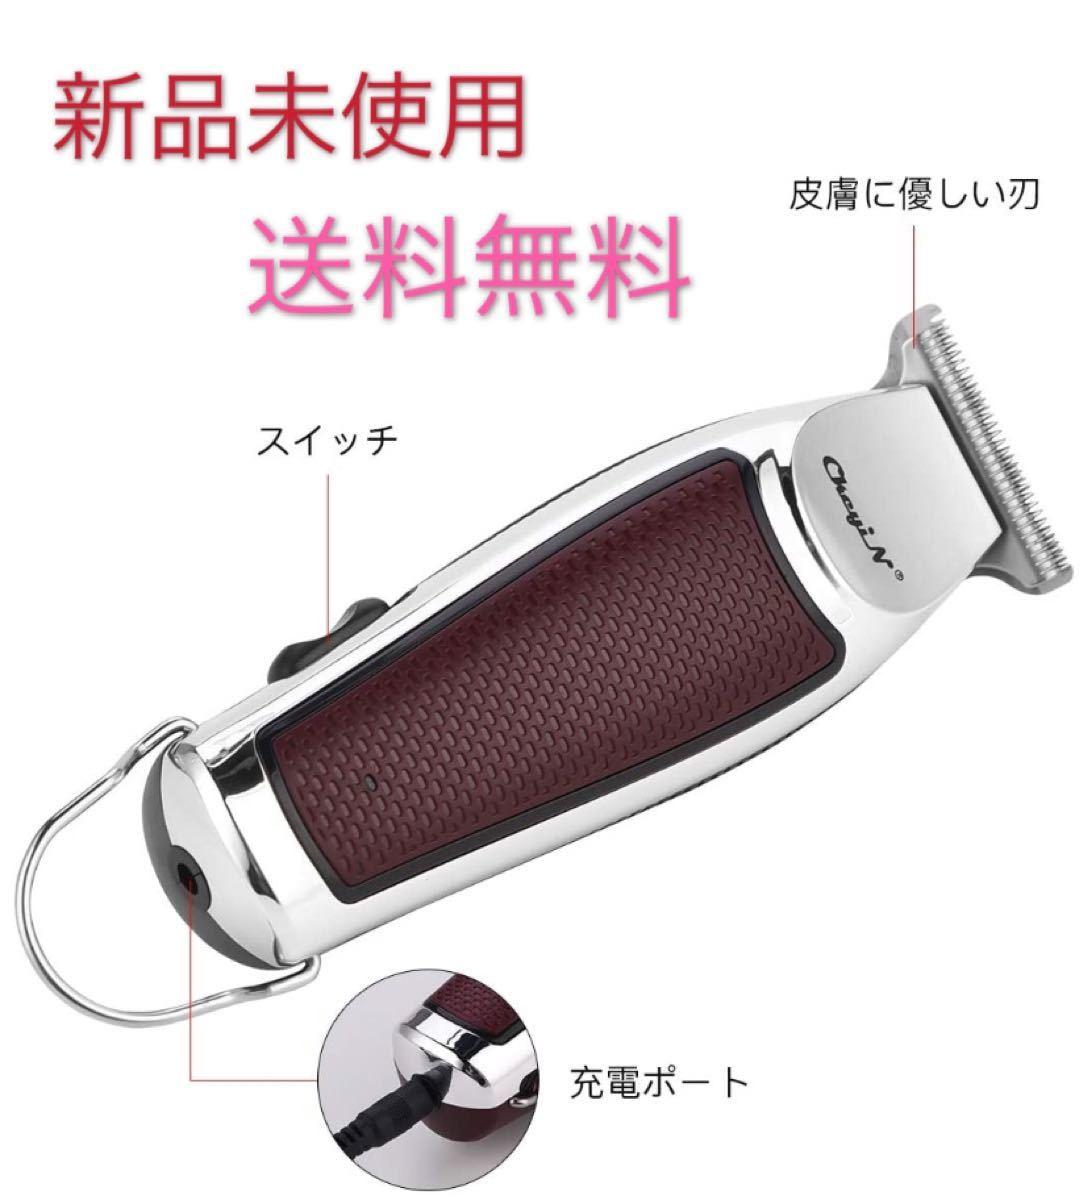 電動バリカン ヘアカッター メンズ 5段階刈りUSB 充電式 交流式兼用